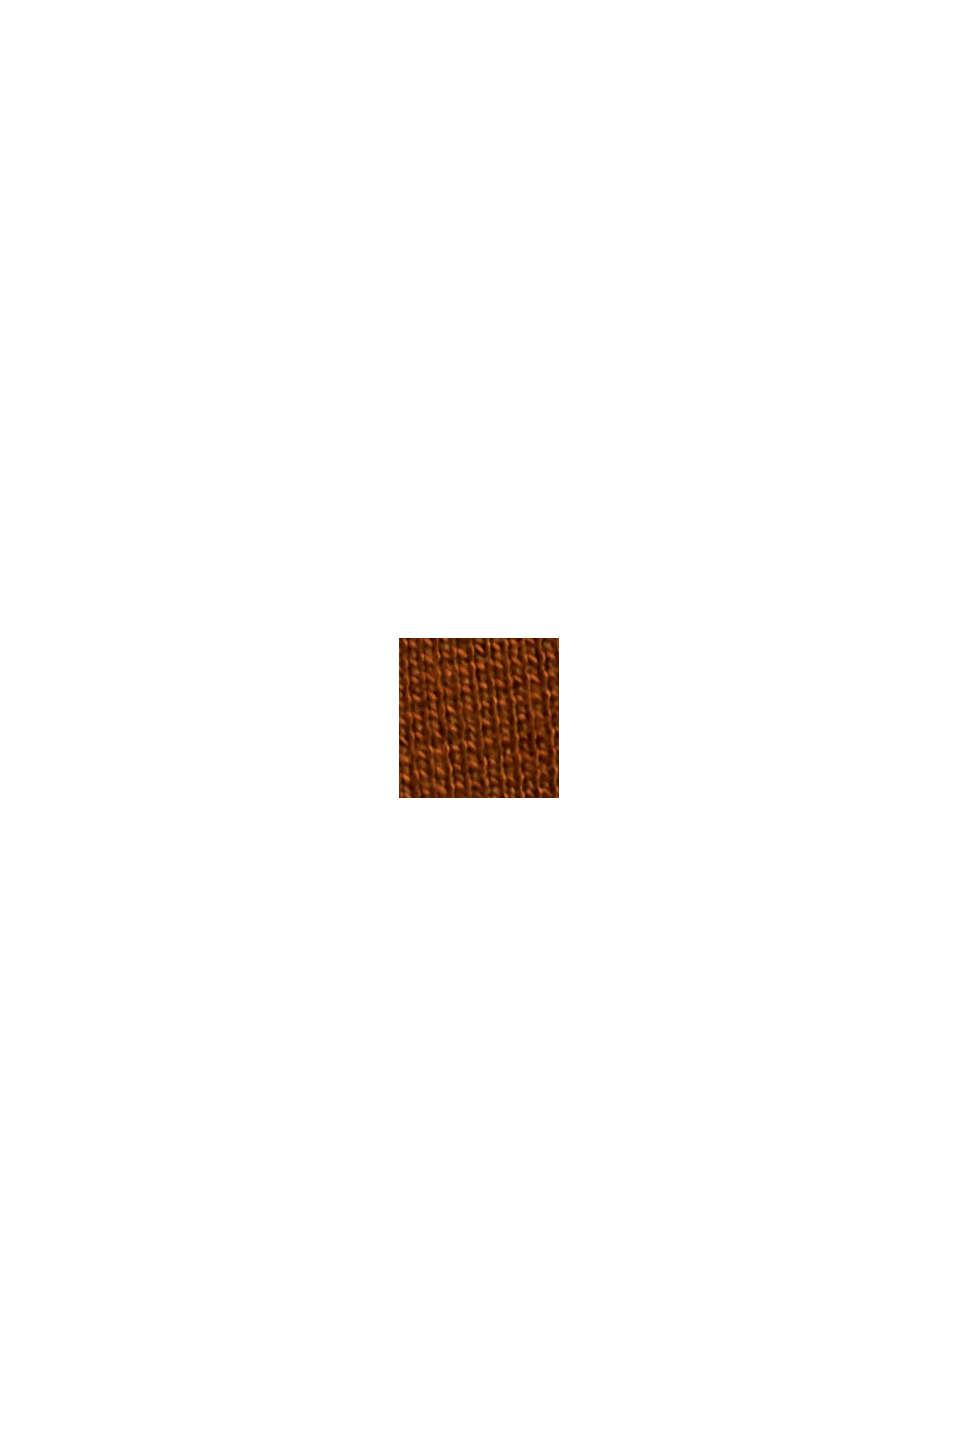 Maglia con collo a tartaruga e dettagli in raso, TOFFEE, swatch